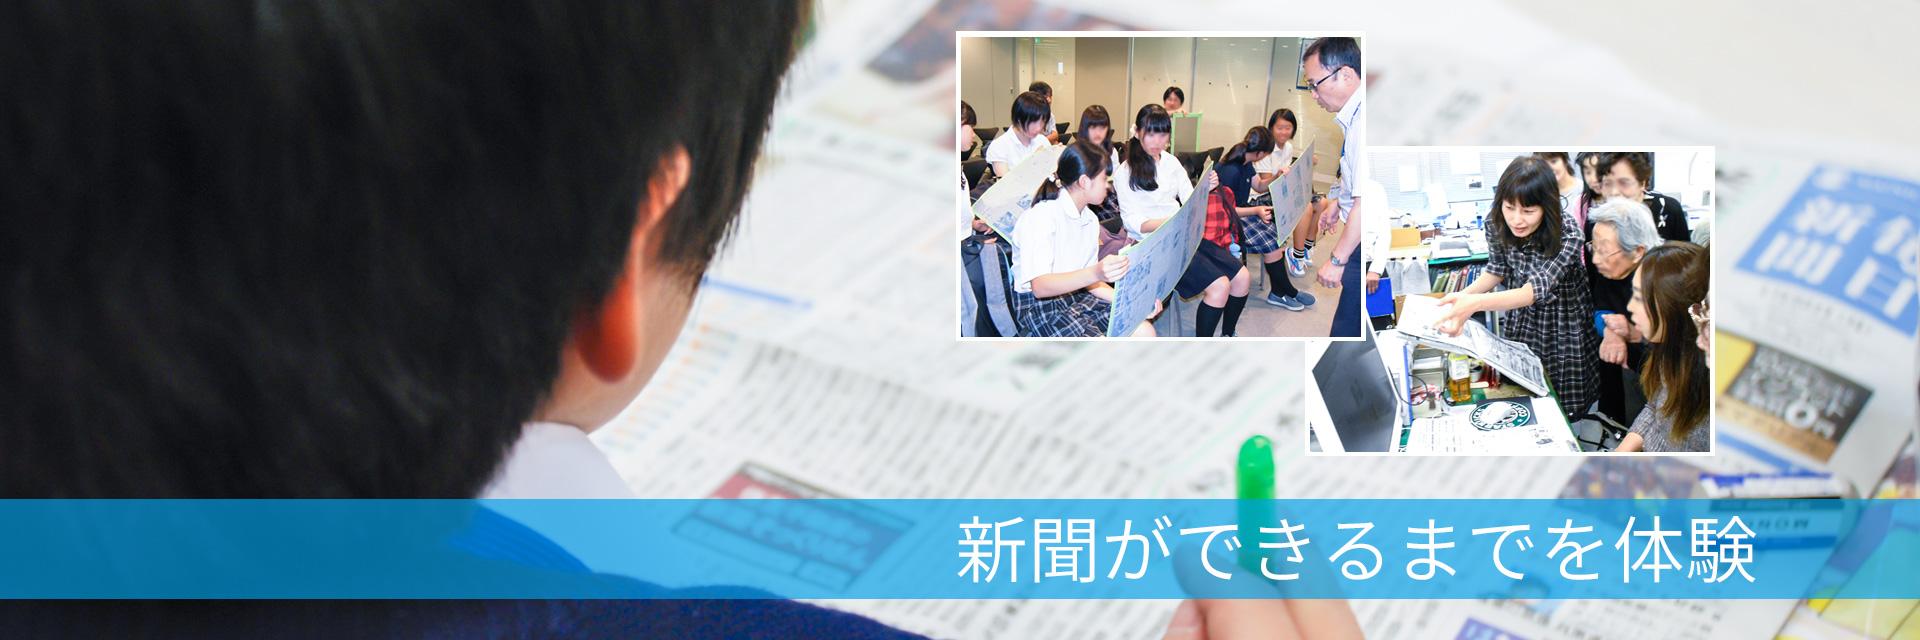 会社見学大阪